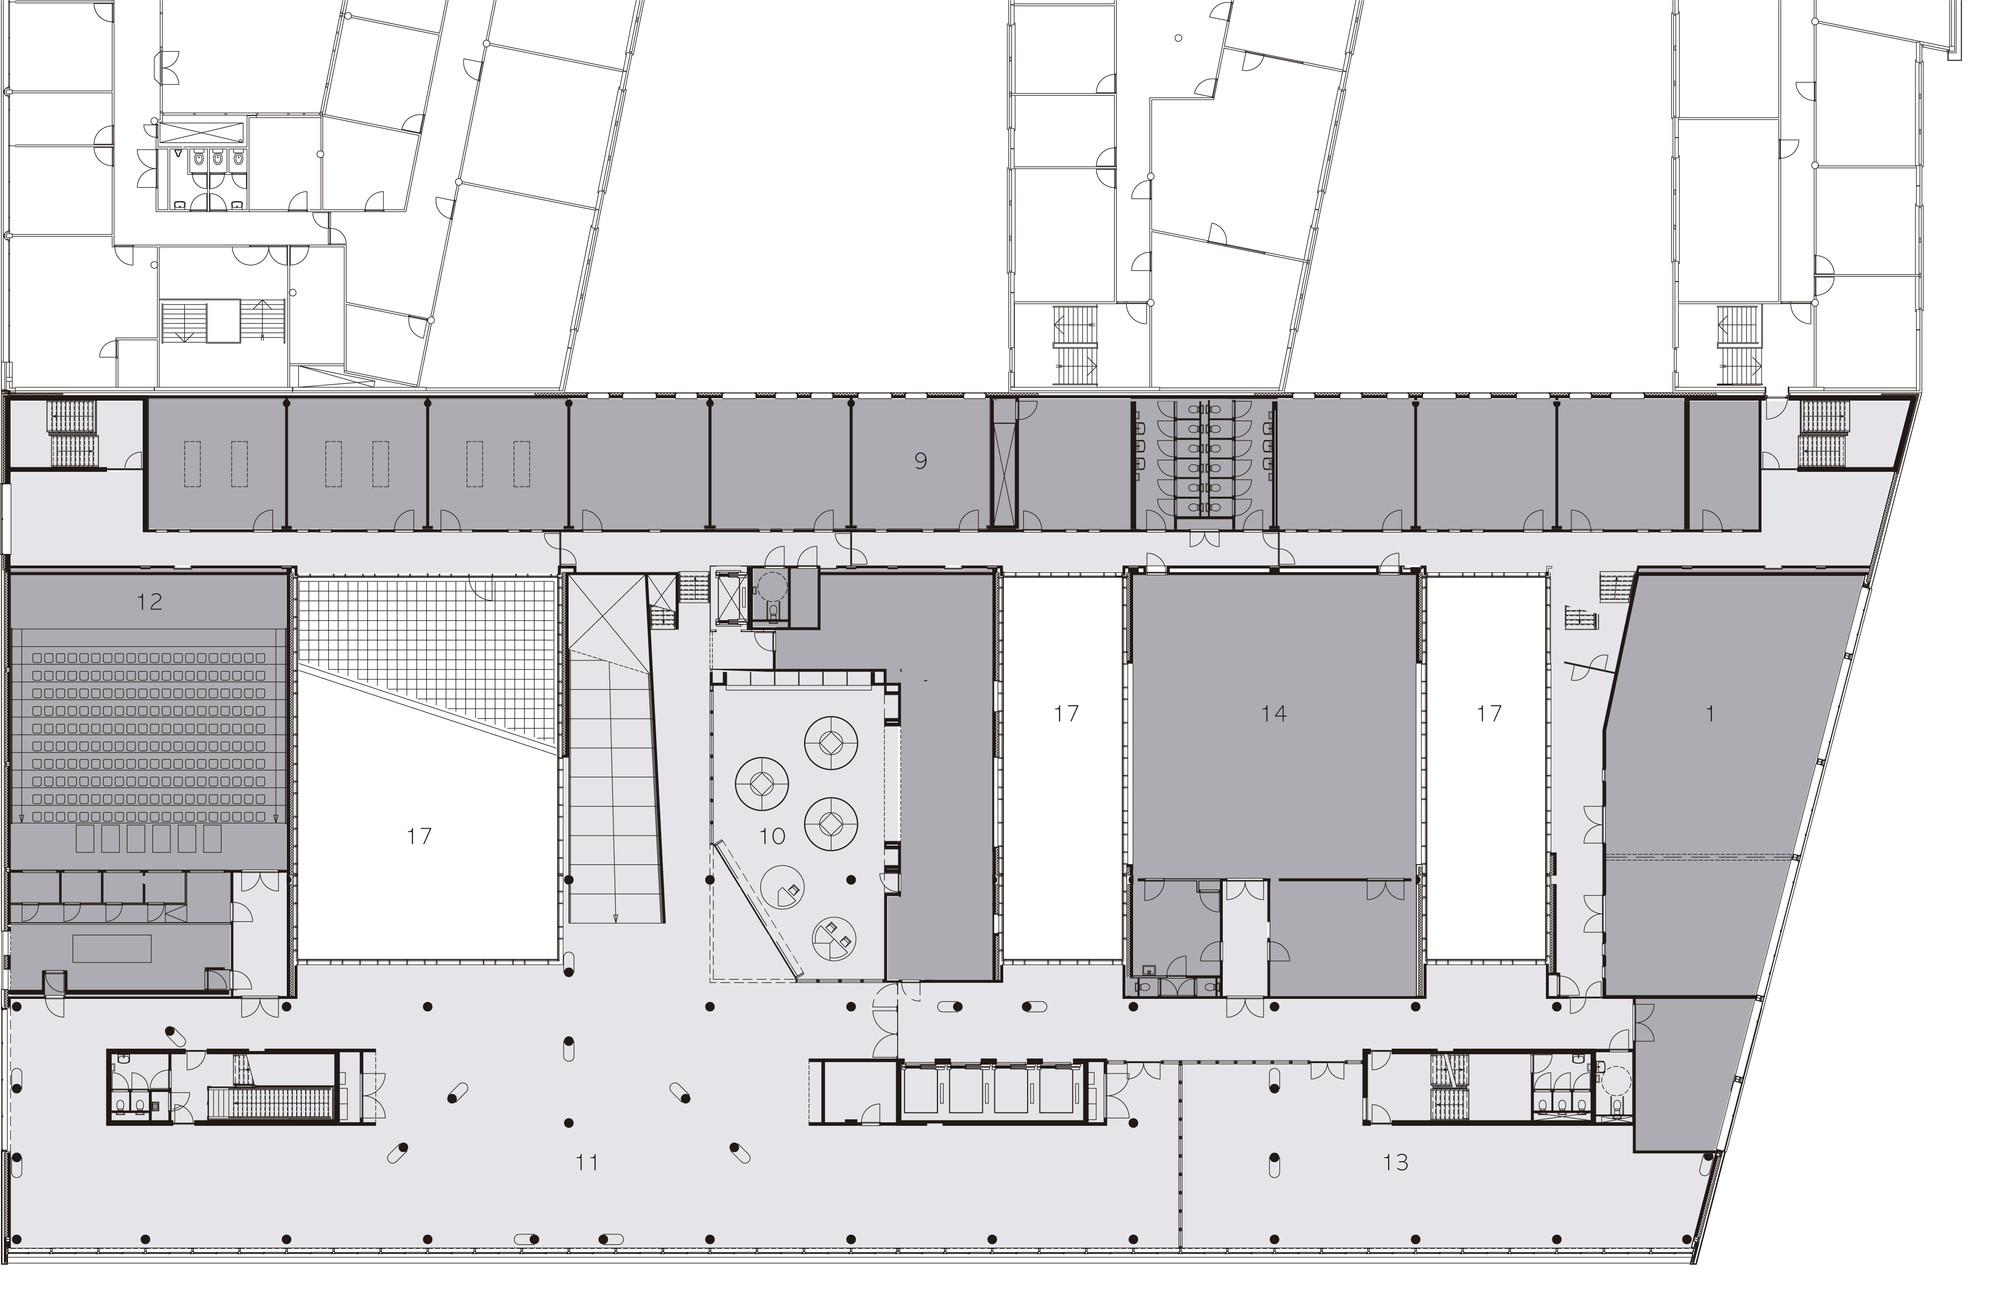 Department of Education Hogeschool Utrecht / Ector Hoogstad Architecten